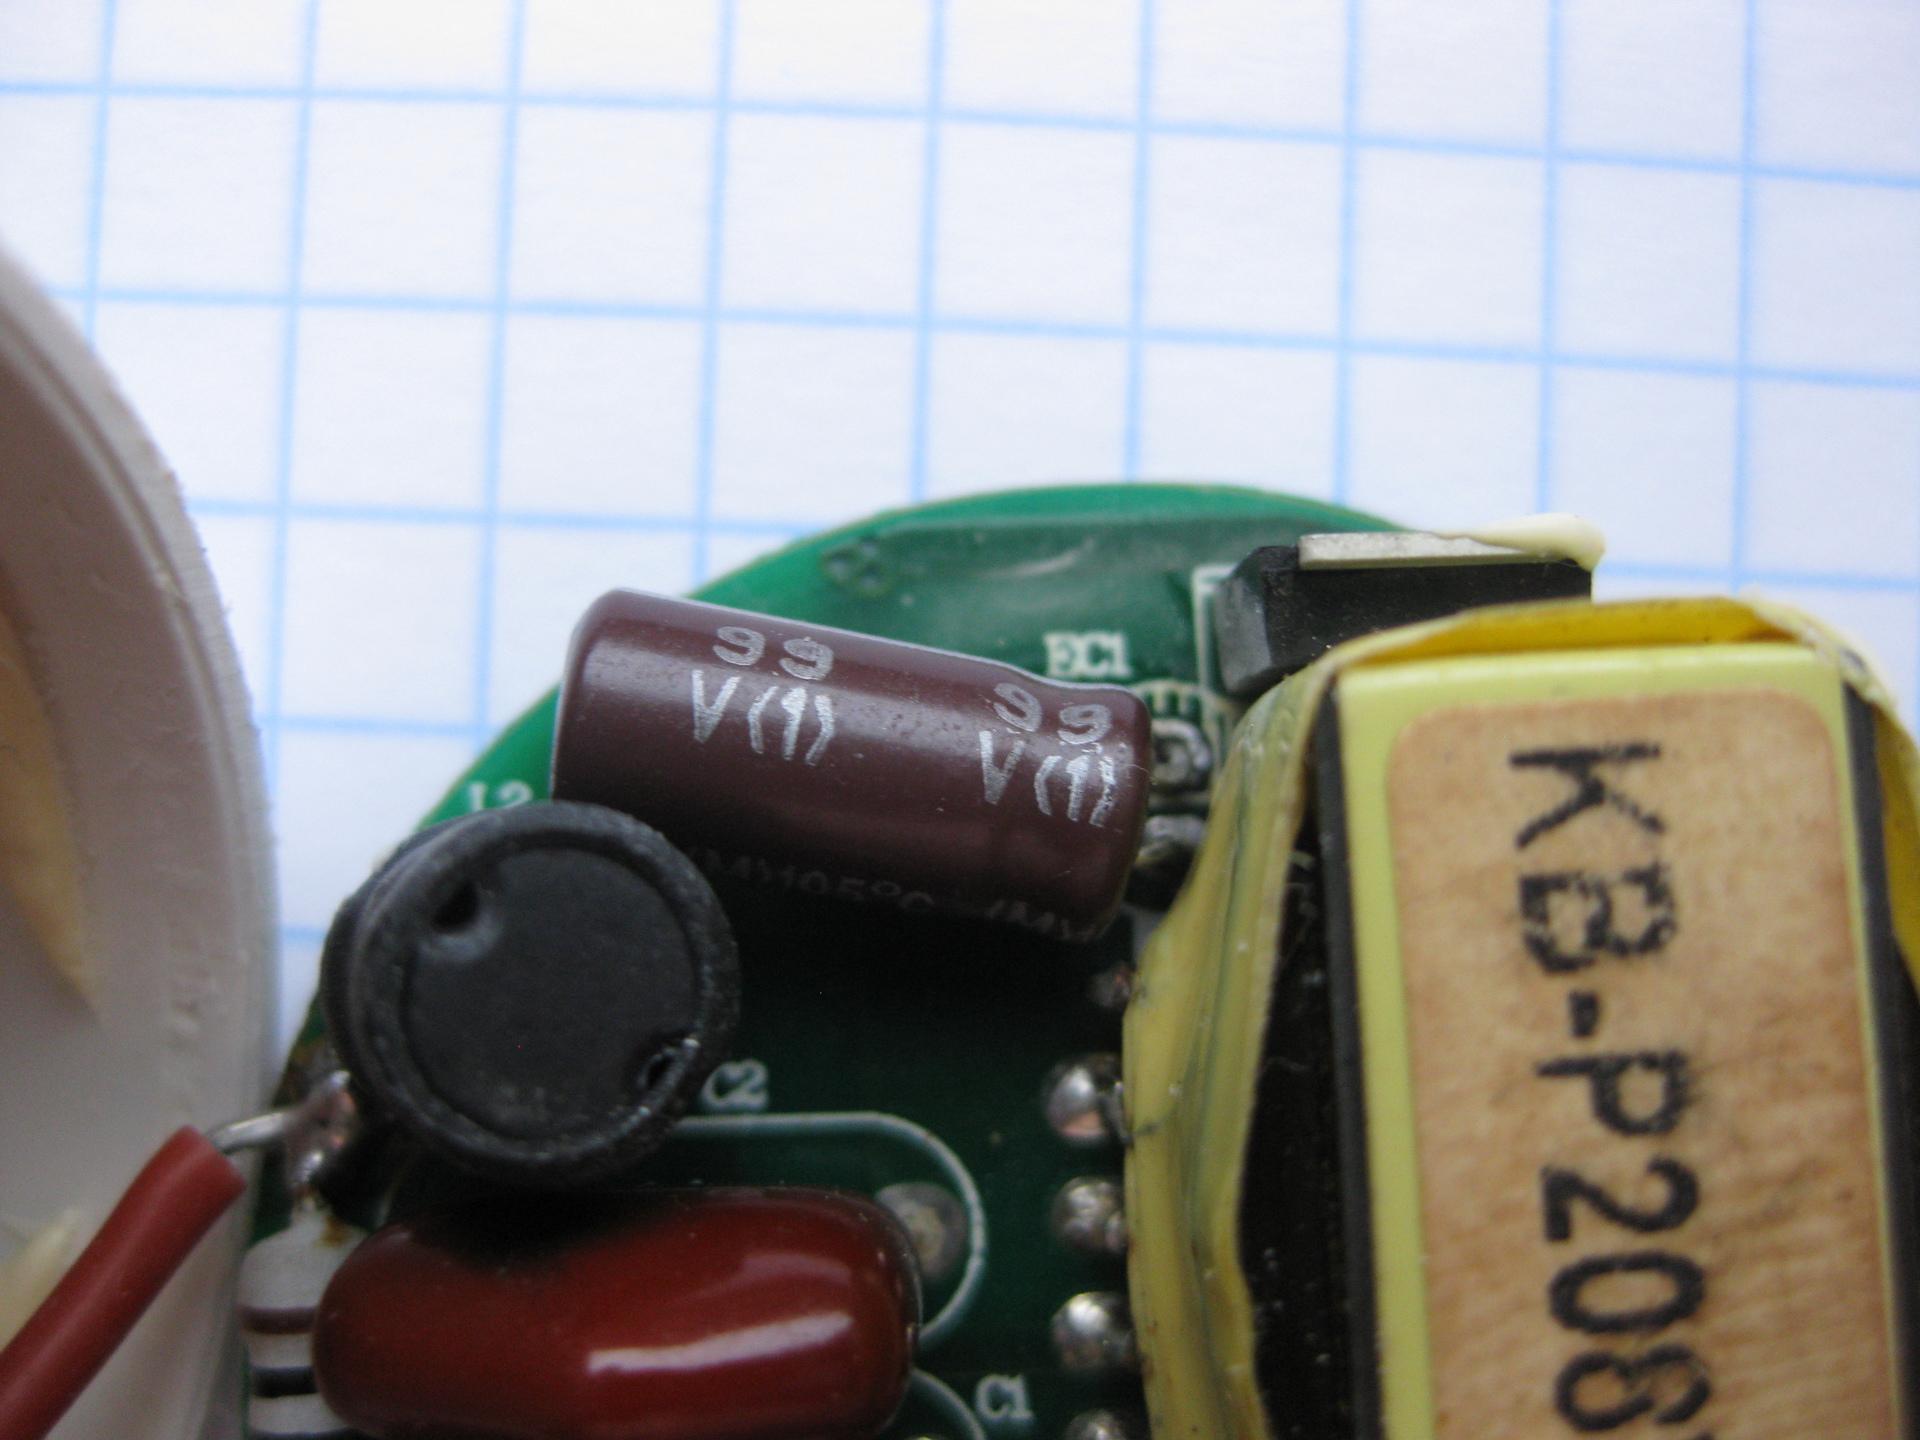 camelion 9w 110-230v схема включения